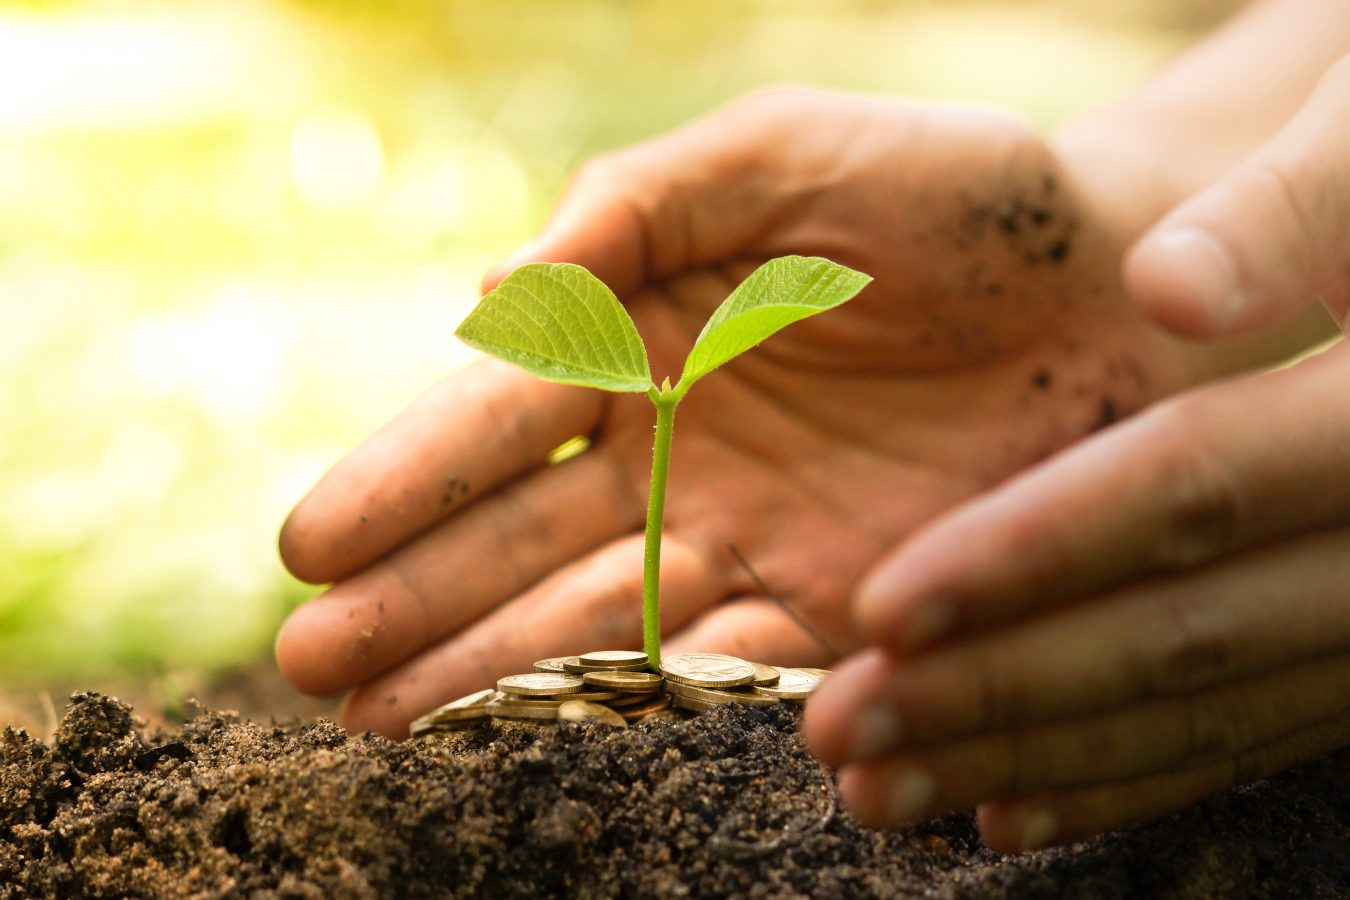 Hånd gir en gullmynt til en ung grønn plante som vokser på en haug. Foto: Istock